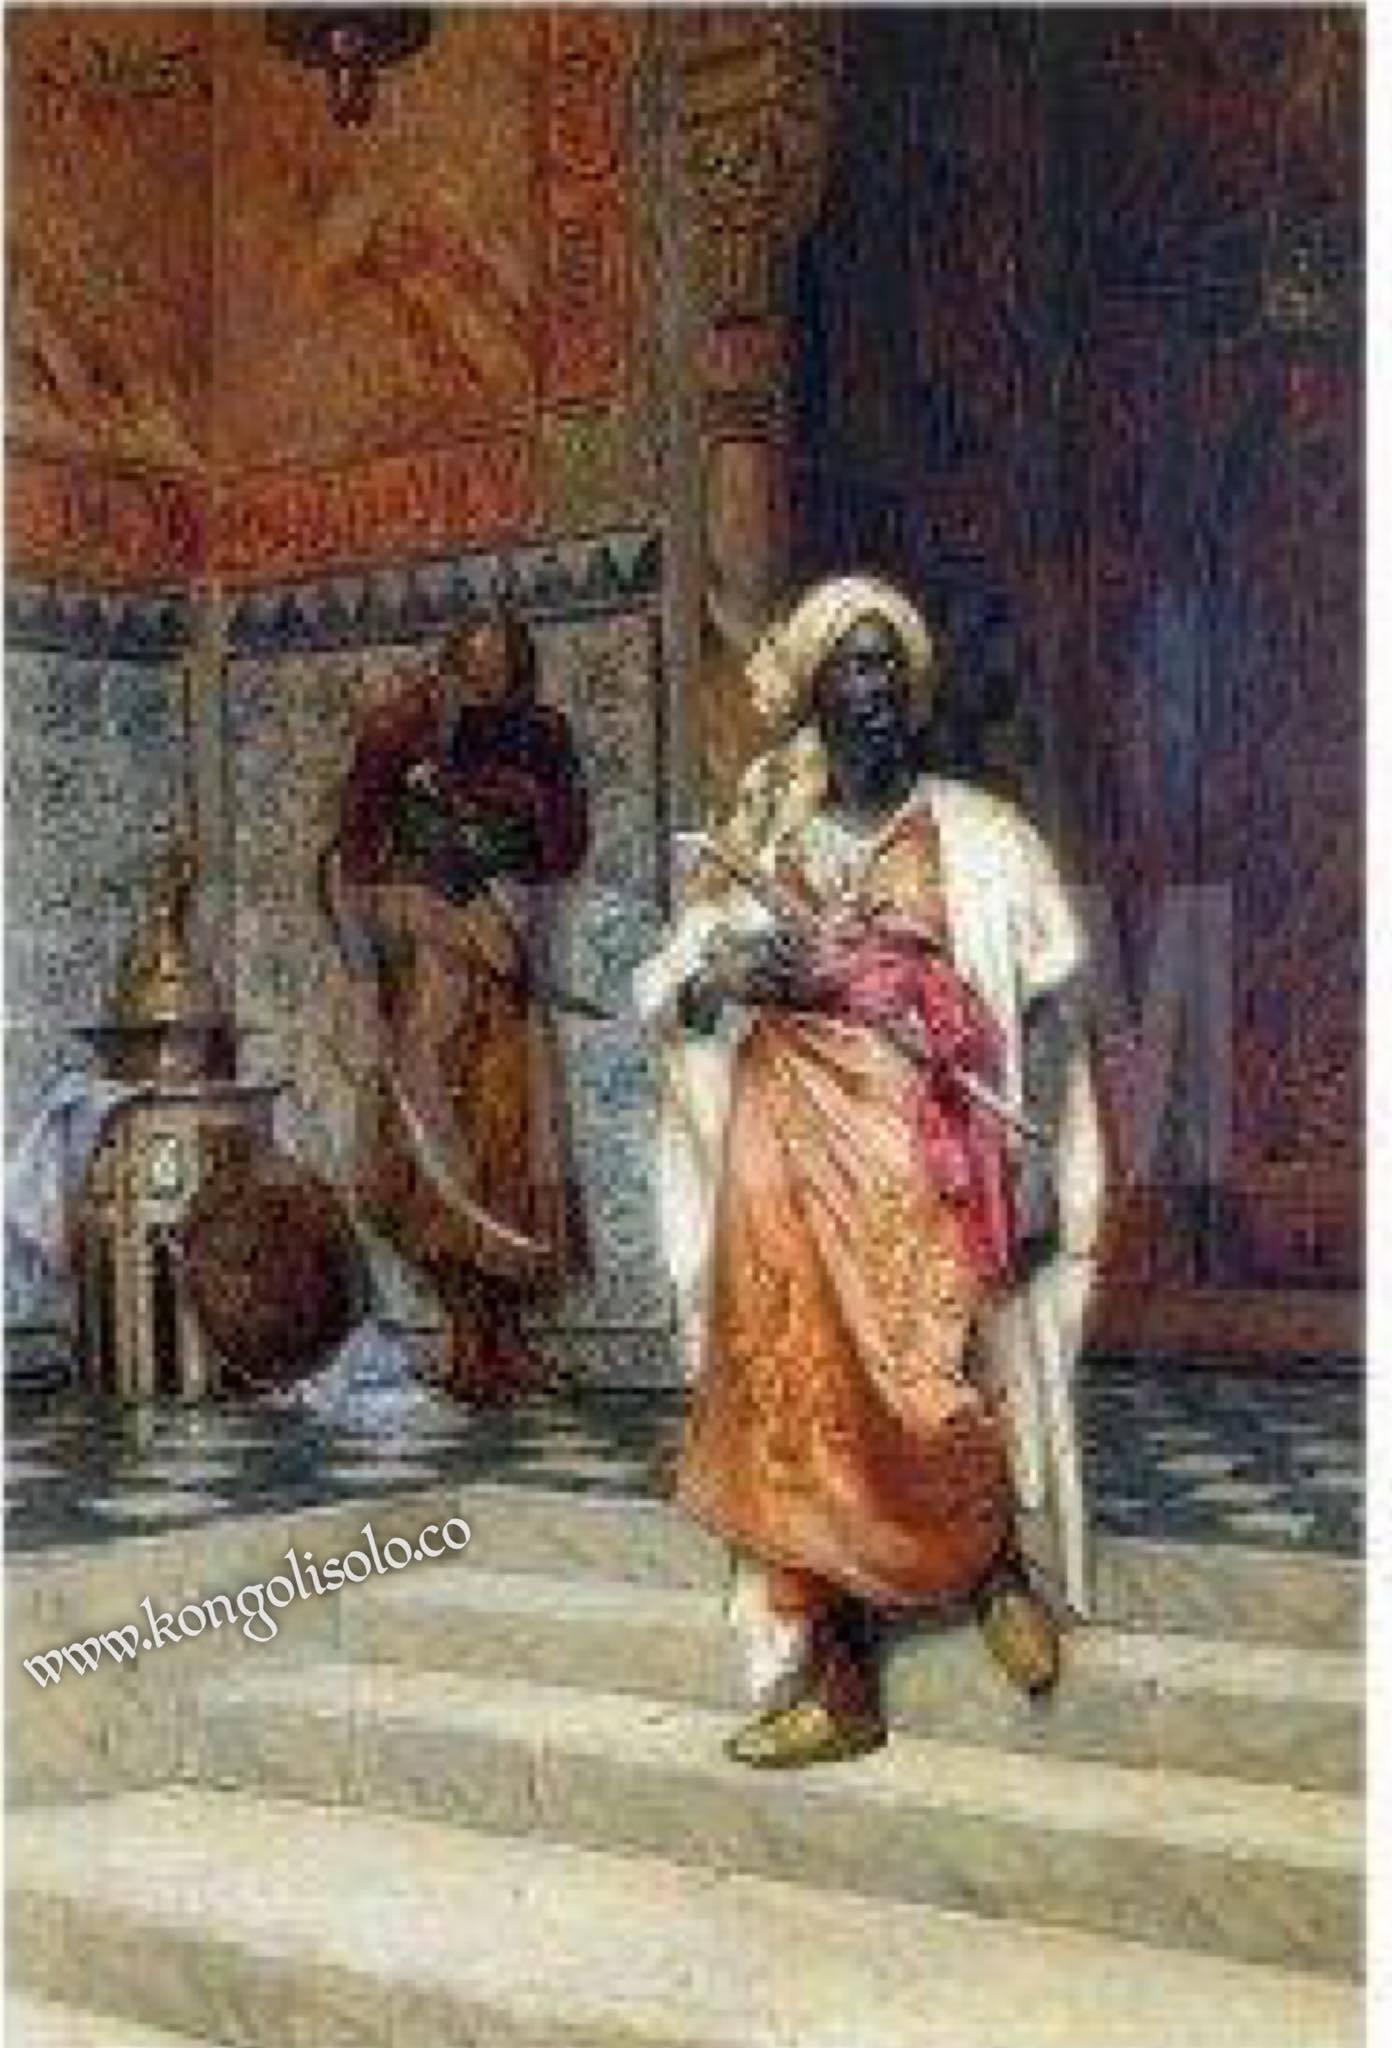 La domination des chevaliers noirs en Europe ancienne : Au début du VIIIème siècle, des chevaliers noirs venus d'Afrique ont envahi l'Espagne, le Portugal et la France sous la houlette de troupes arabo-musulmanes